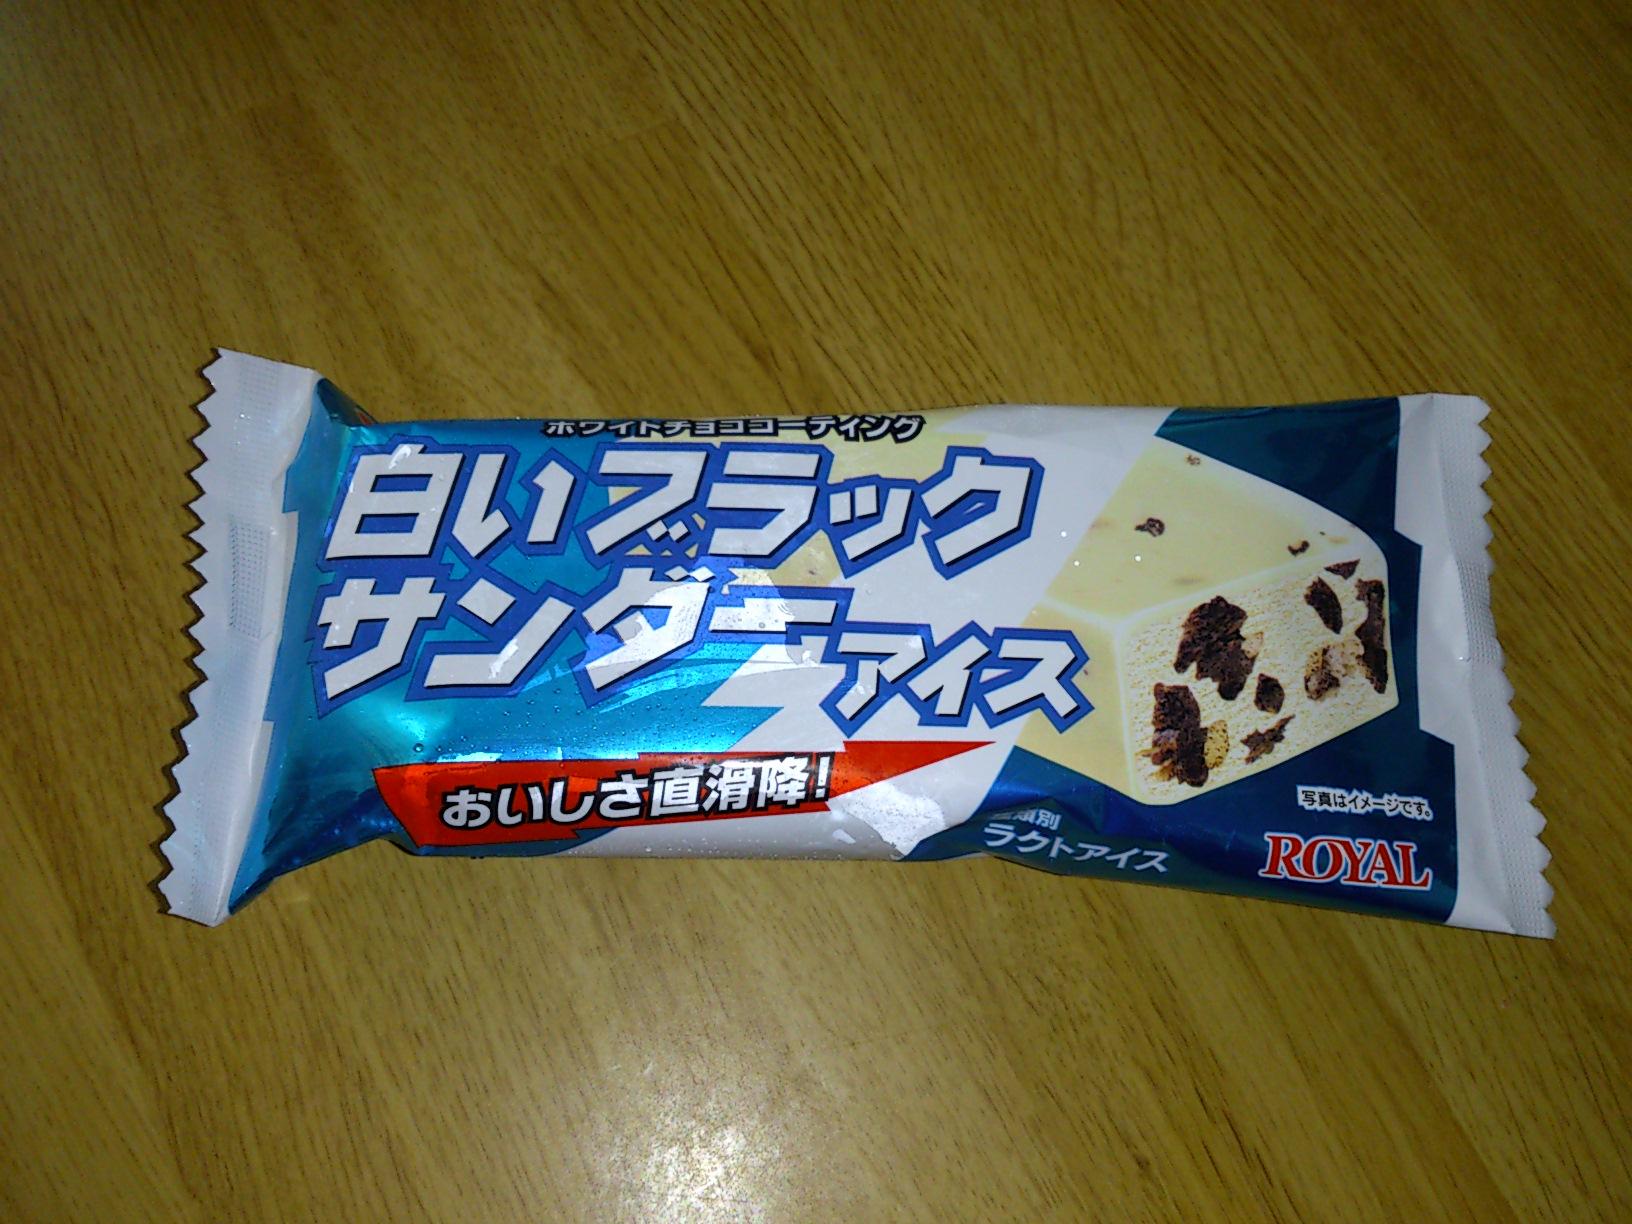 白いブラックサンダーアイス。